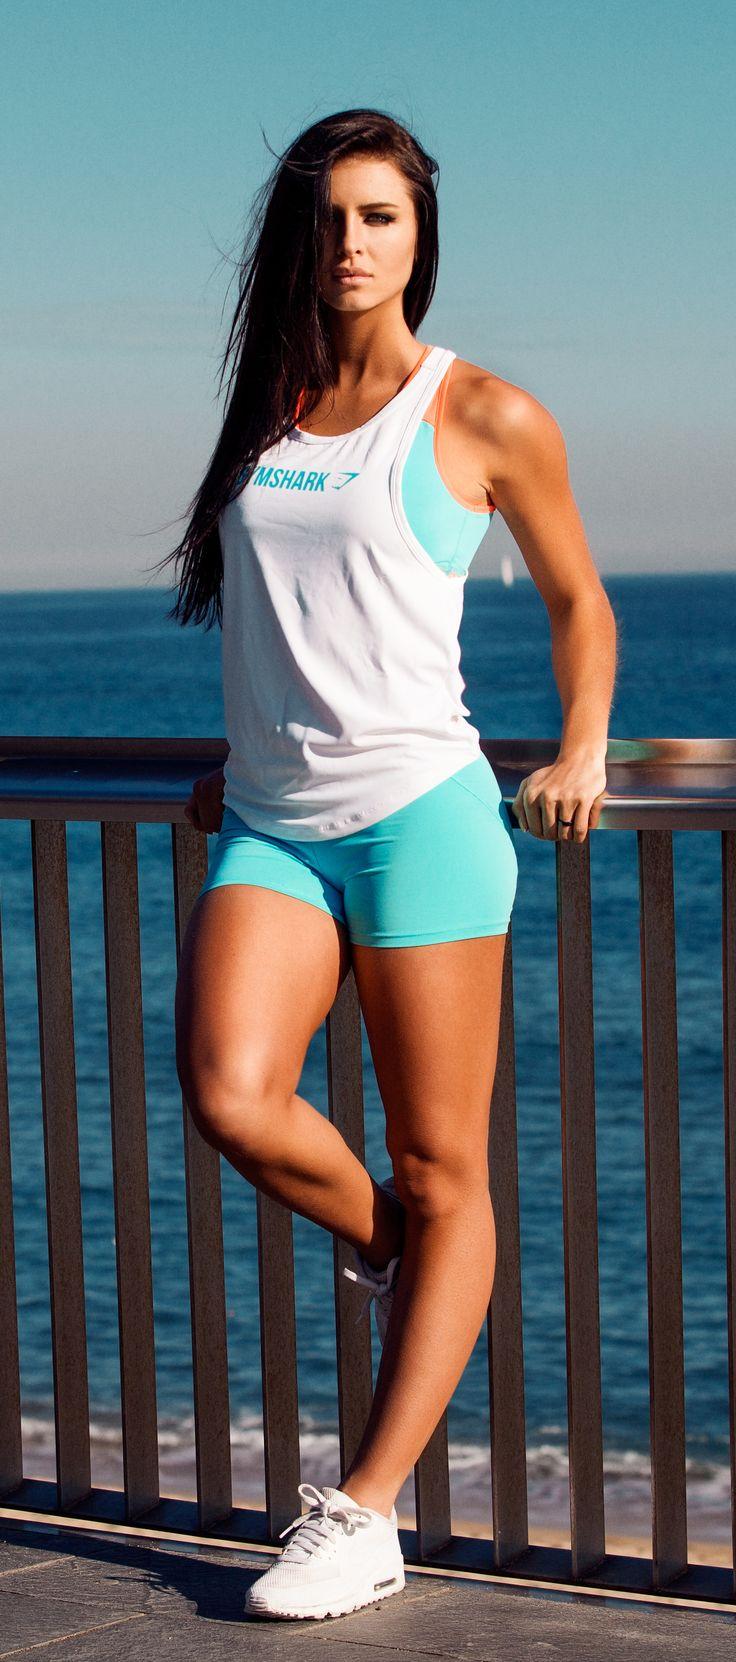 #gymsharkwomen #fitspo || - Fitness Women's active - http://amzn.to/2i5XvJV